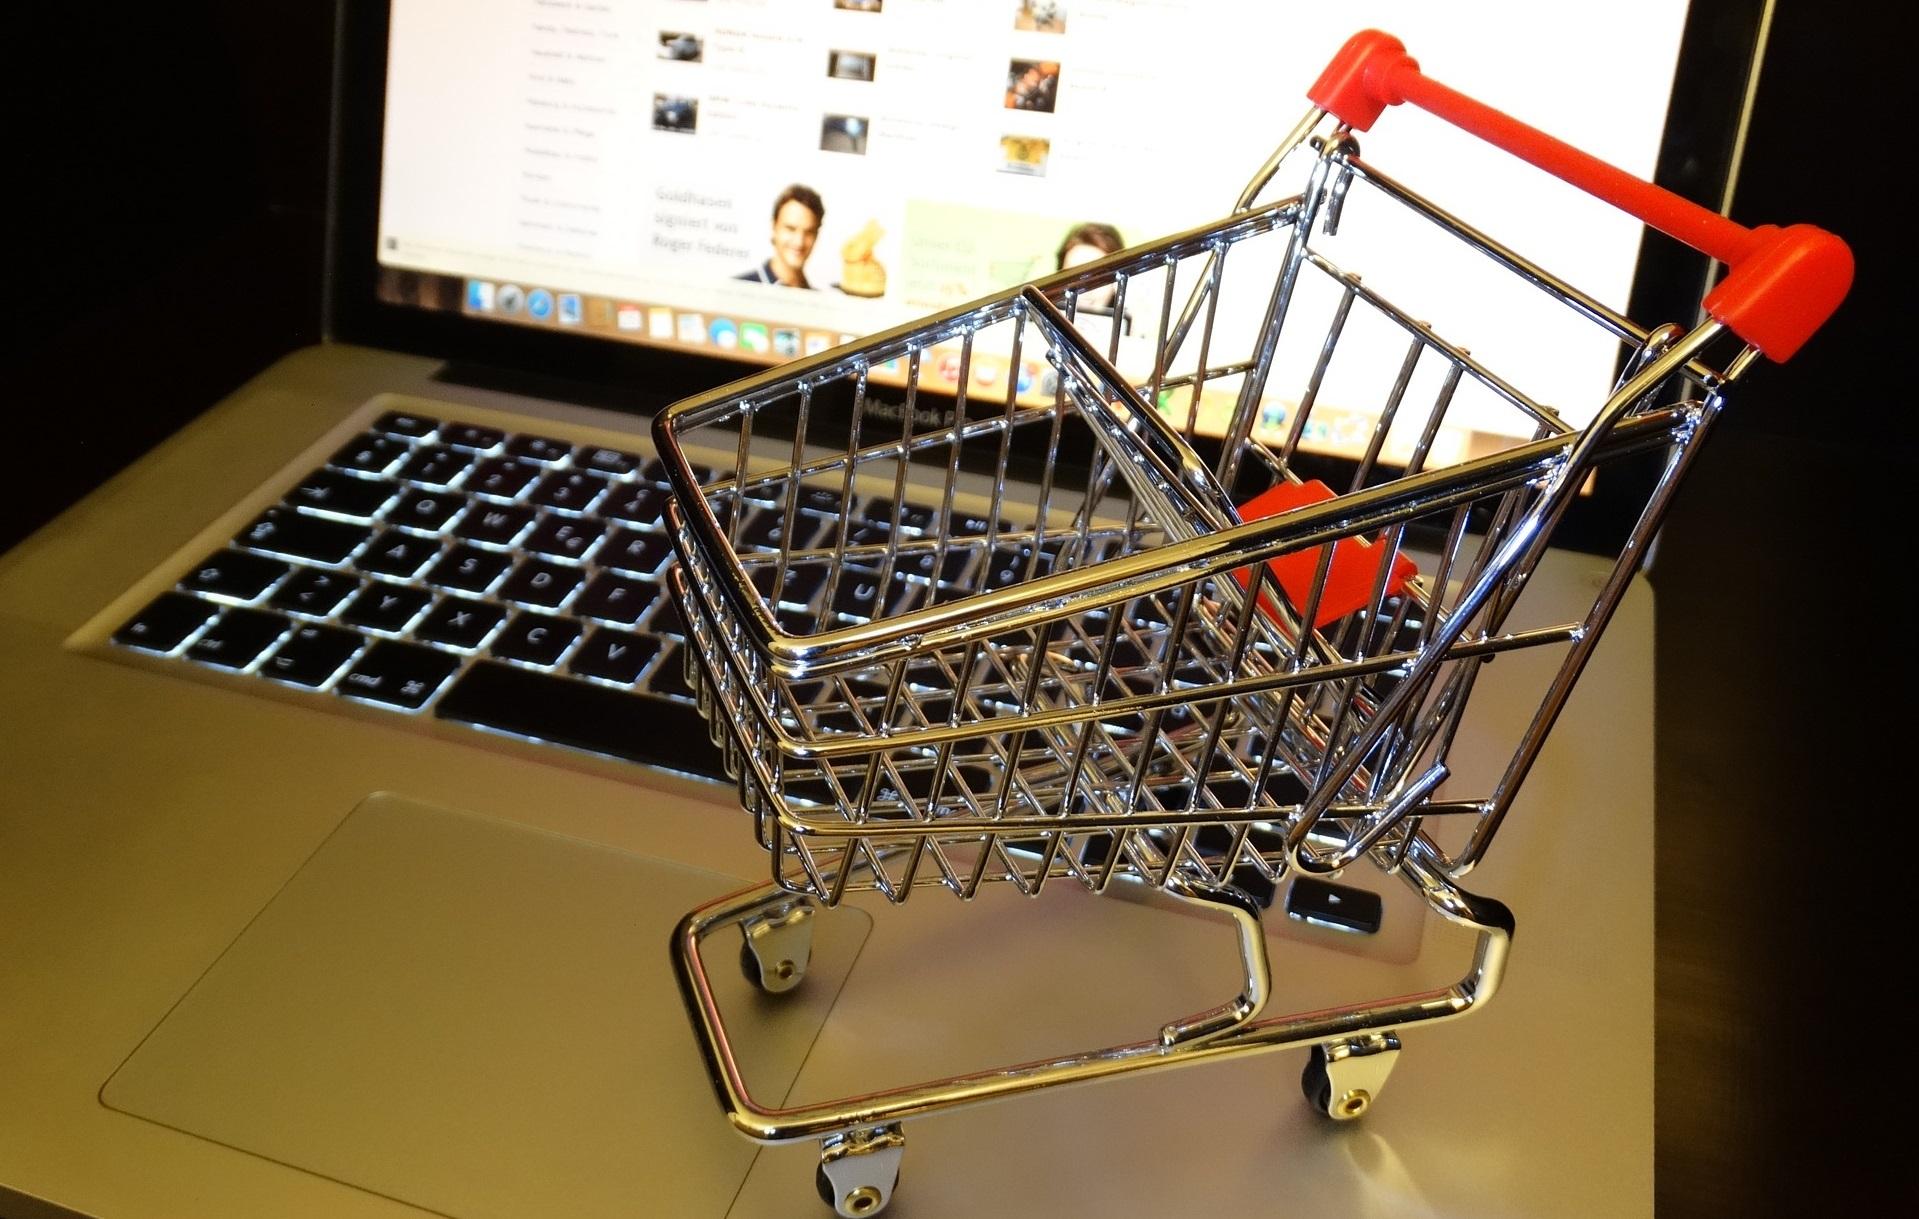 La logística en el ecommerce: ¿es este el punto débil?